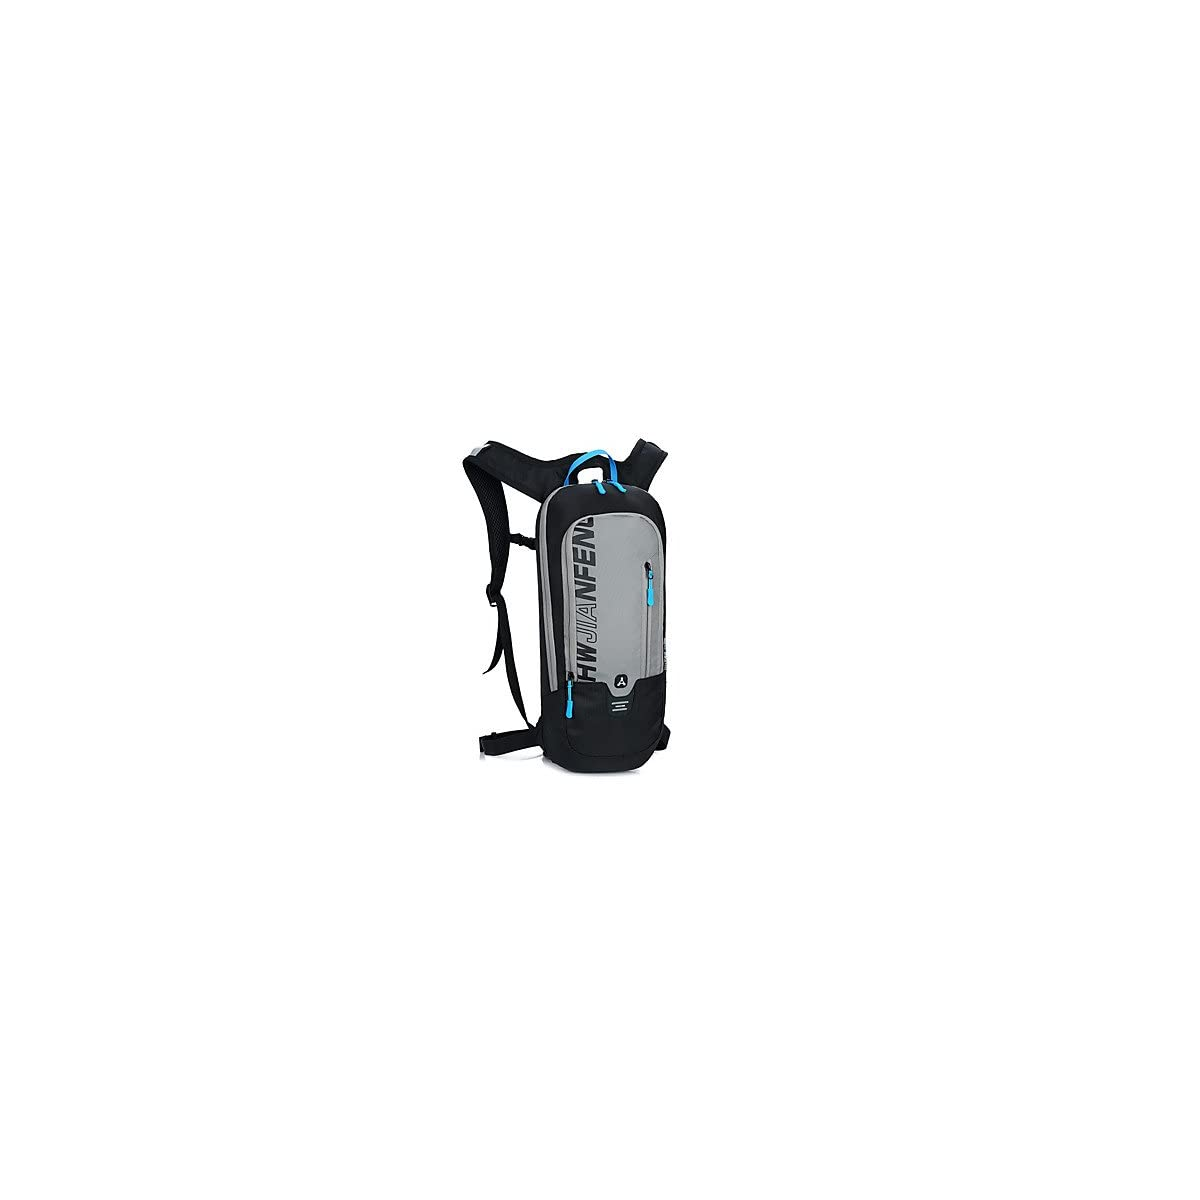 41B43lEGY7L. SS1200  - Beibao 10 L Pack de Hidratación y Bolsa De Agua Ciclismo Mochila Mochila Cabalgata Ciclismo/Bicicleta ViajeBanda Reflectante Impermeable